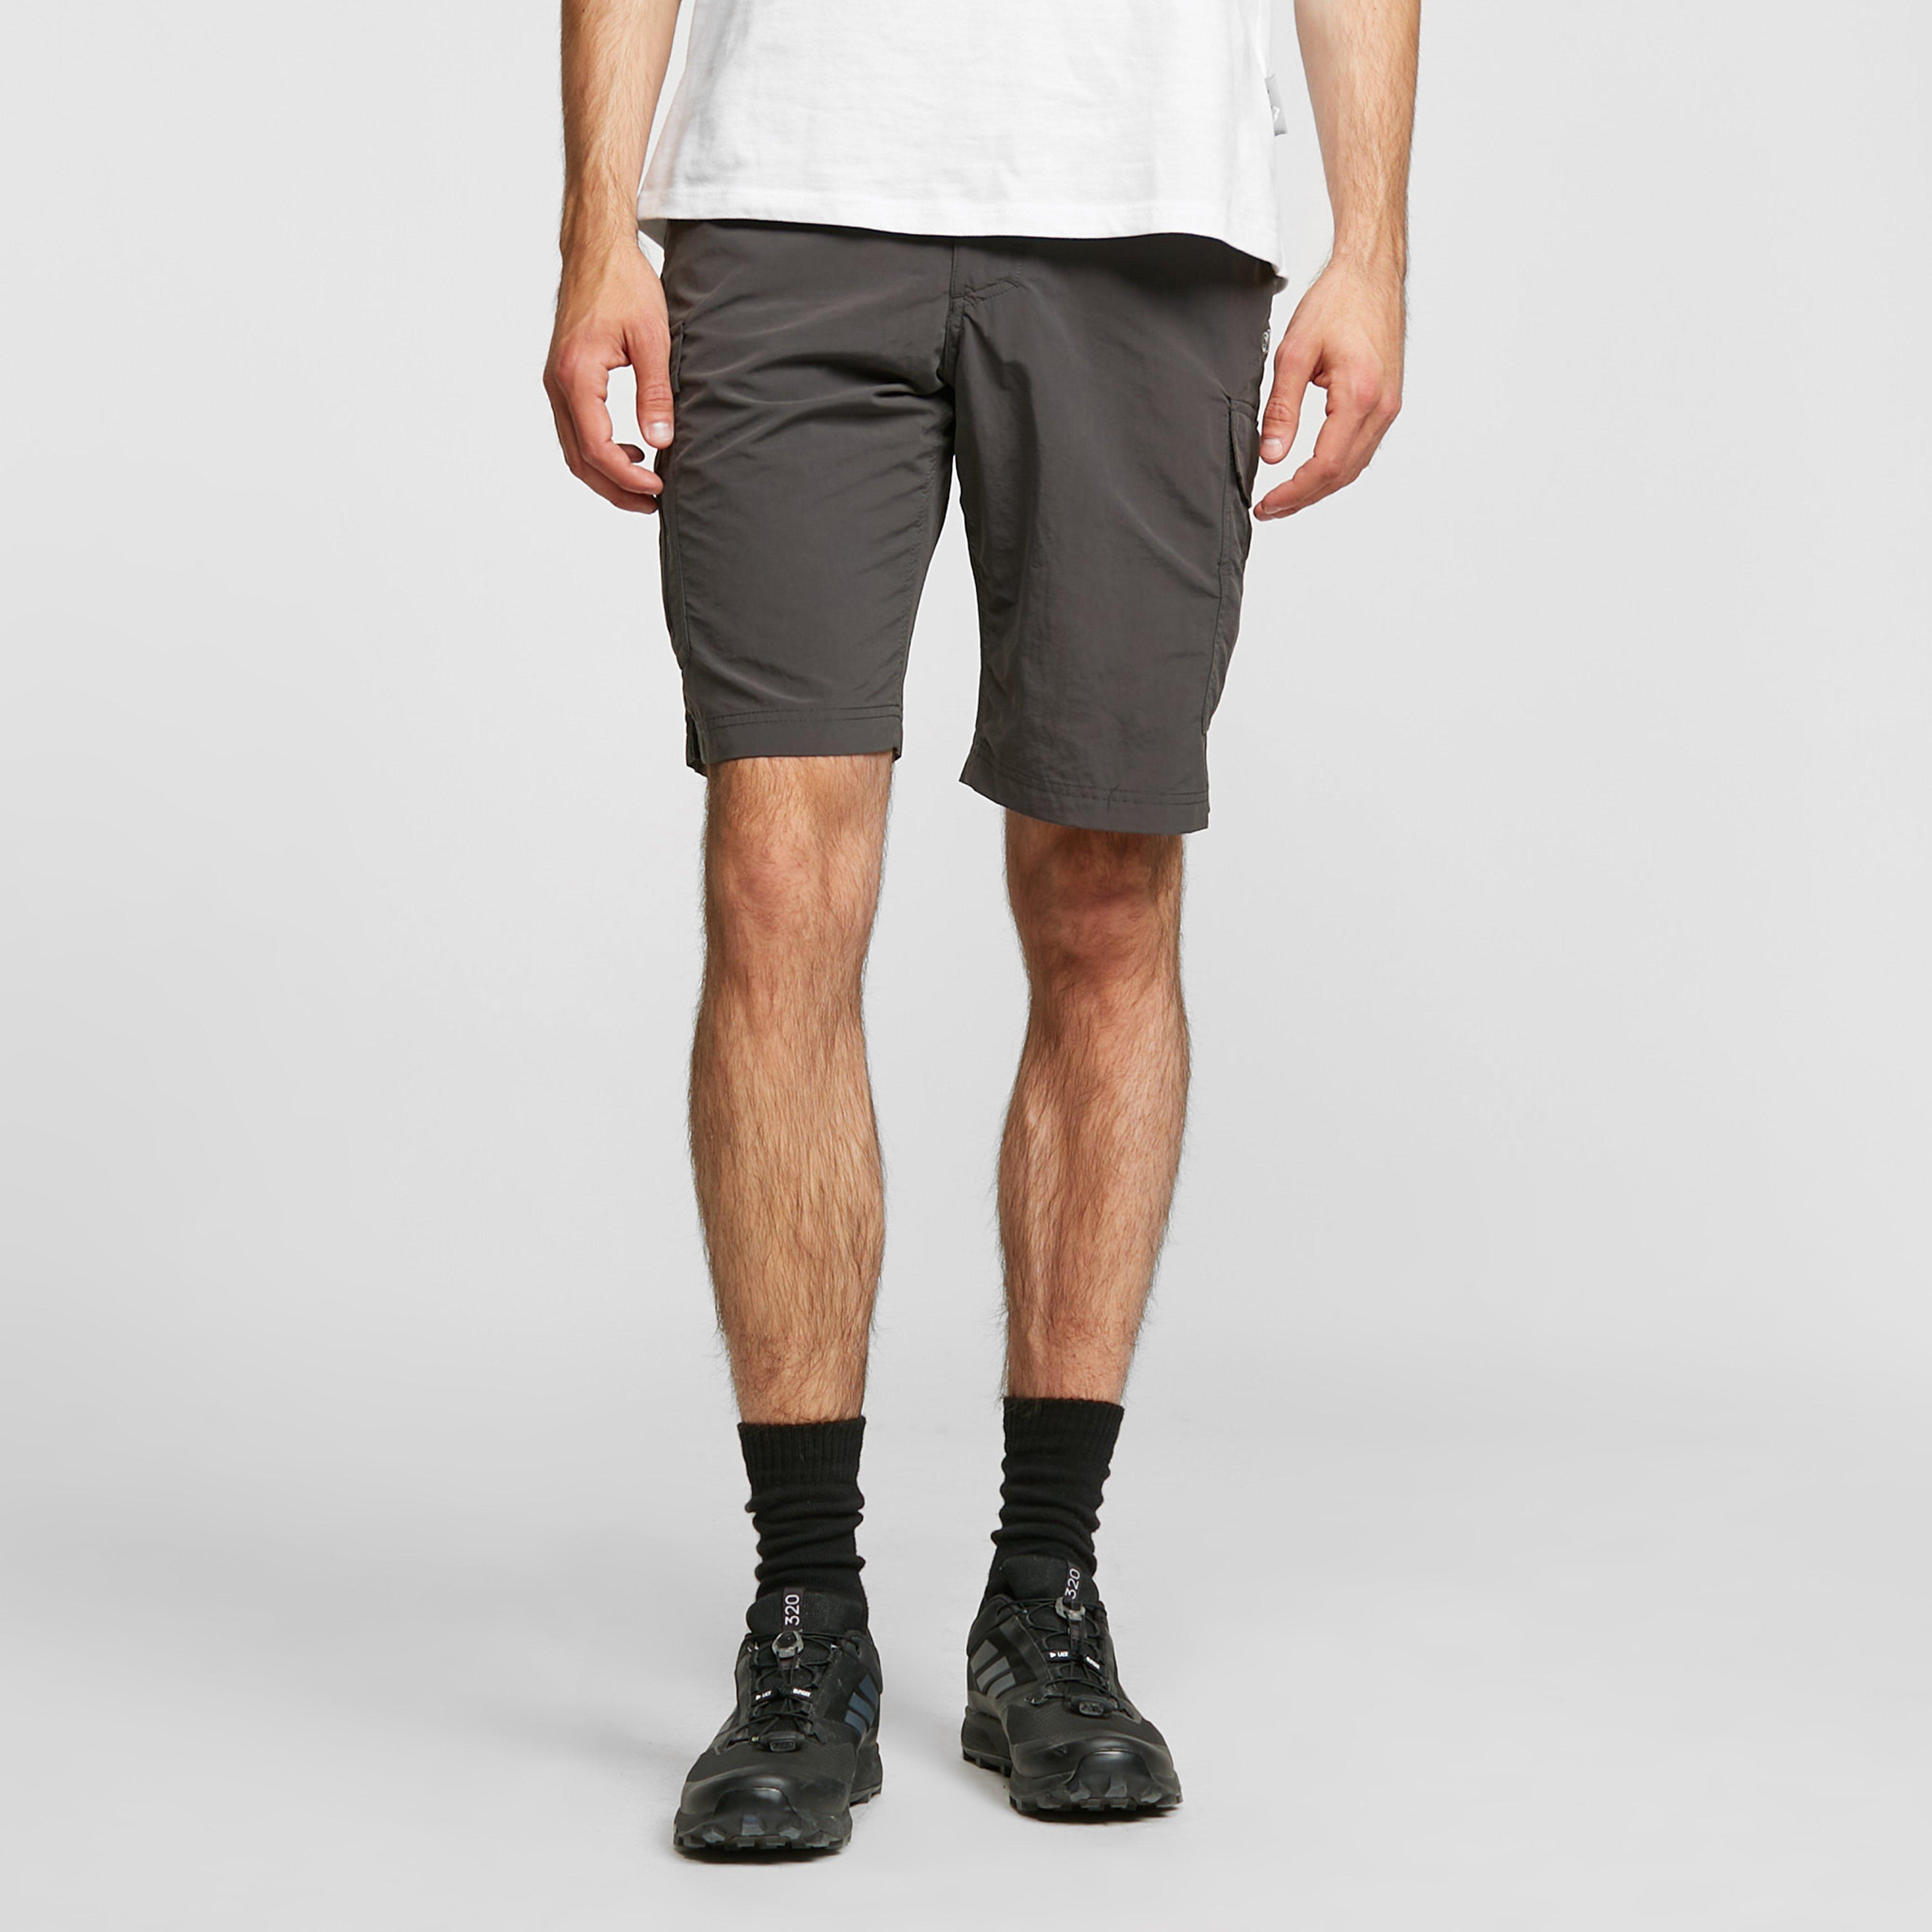 Craghoppers Nosilife Cargo - Black/shorts  Black/shorts